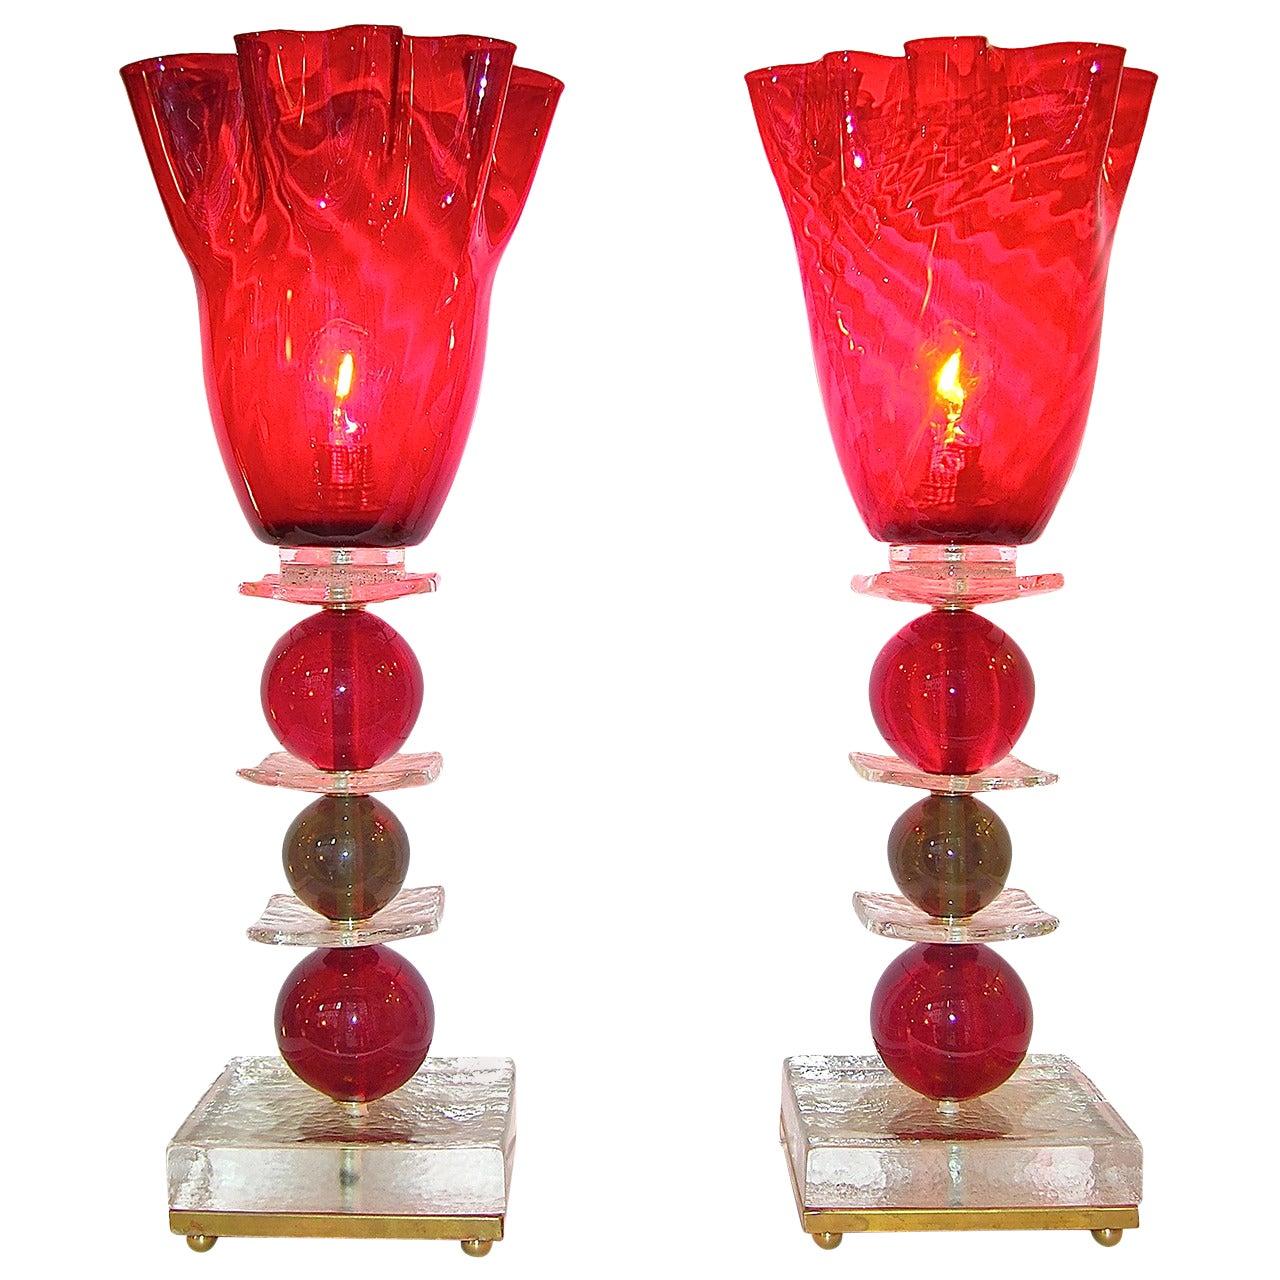 Italian Pair of Tulip Red Murano Glass Lamps, 1970s